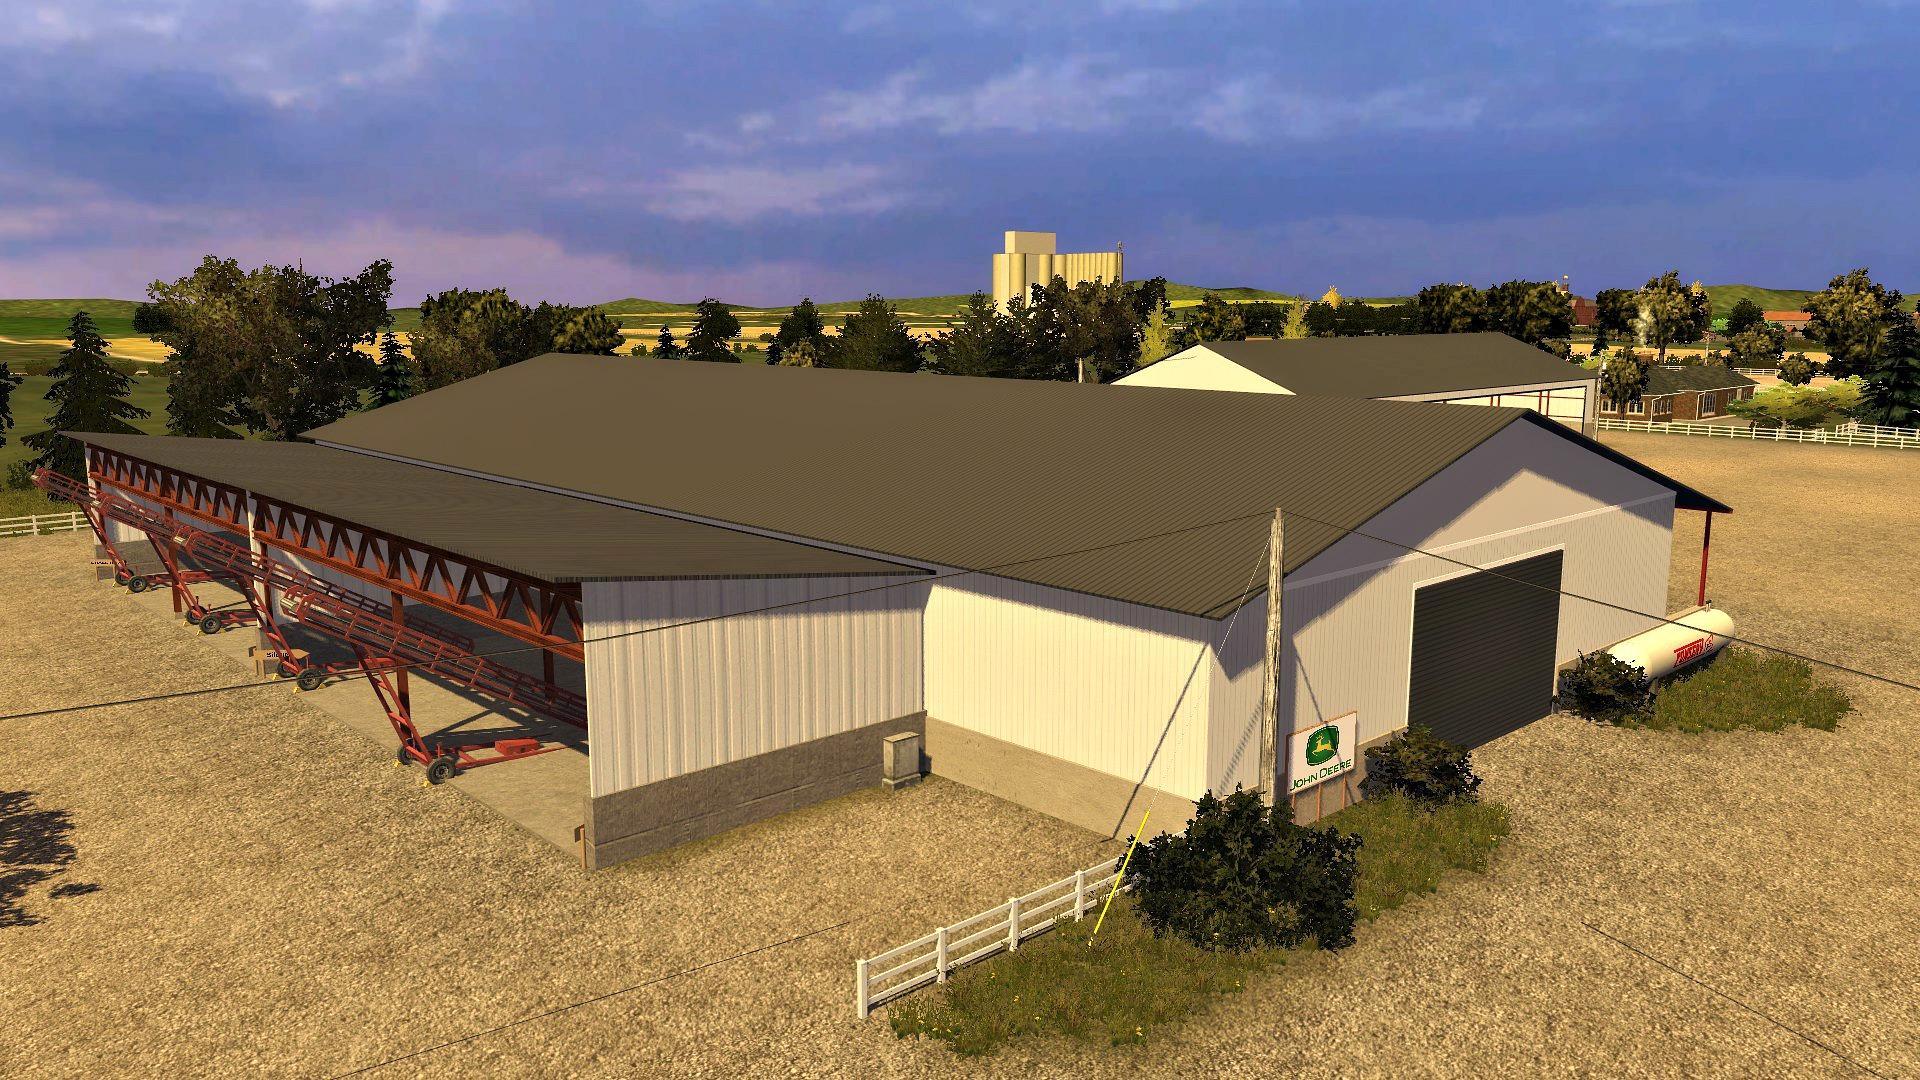 Idaho USA V Modhubus - Farming simulator 2015 us map feed cows